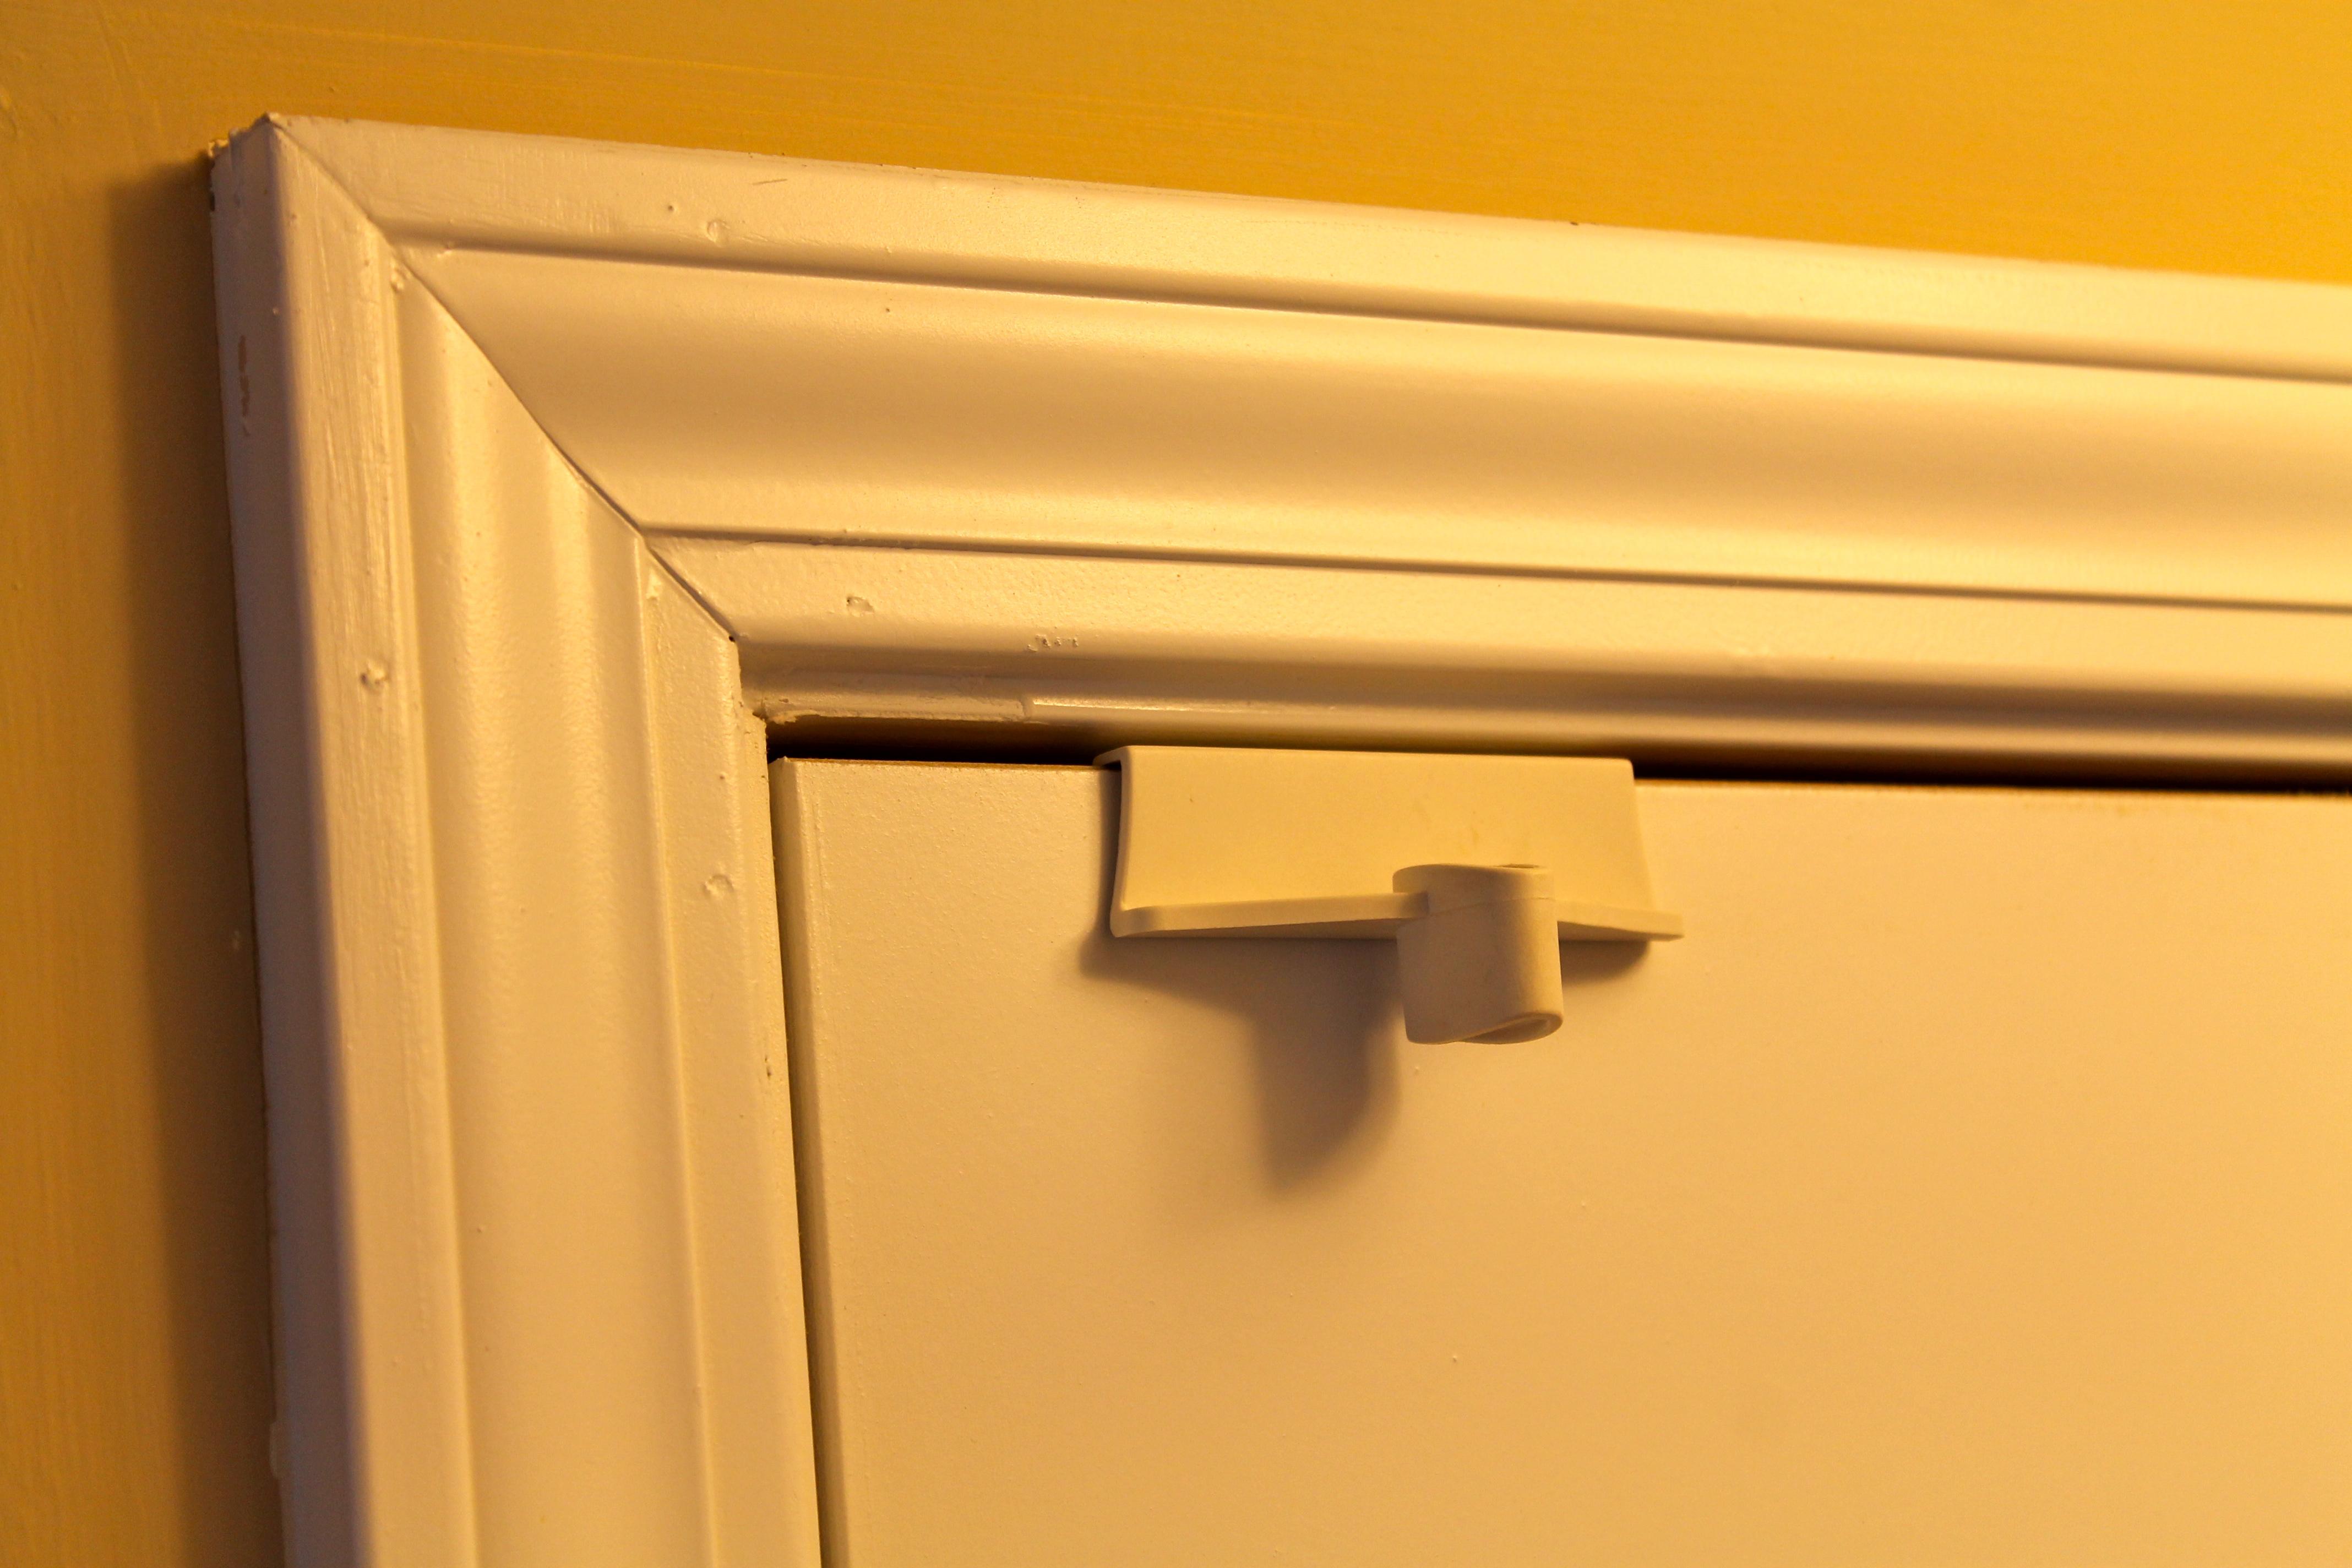 child safety door knobs photo - 19